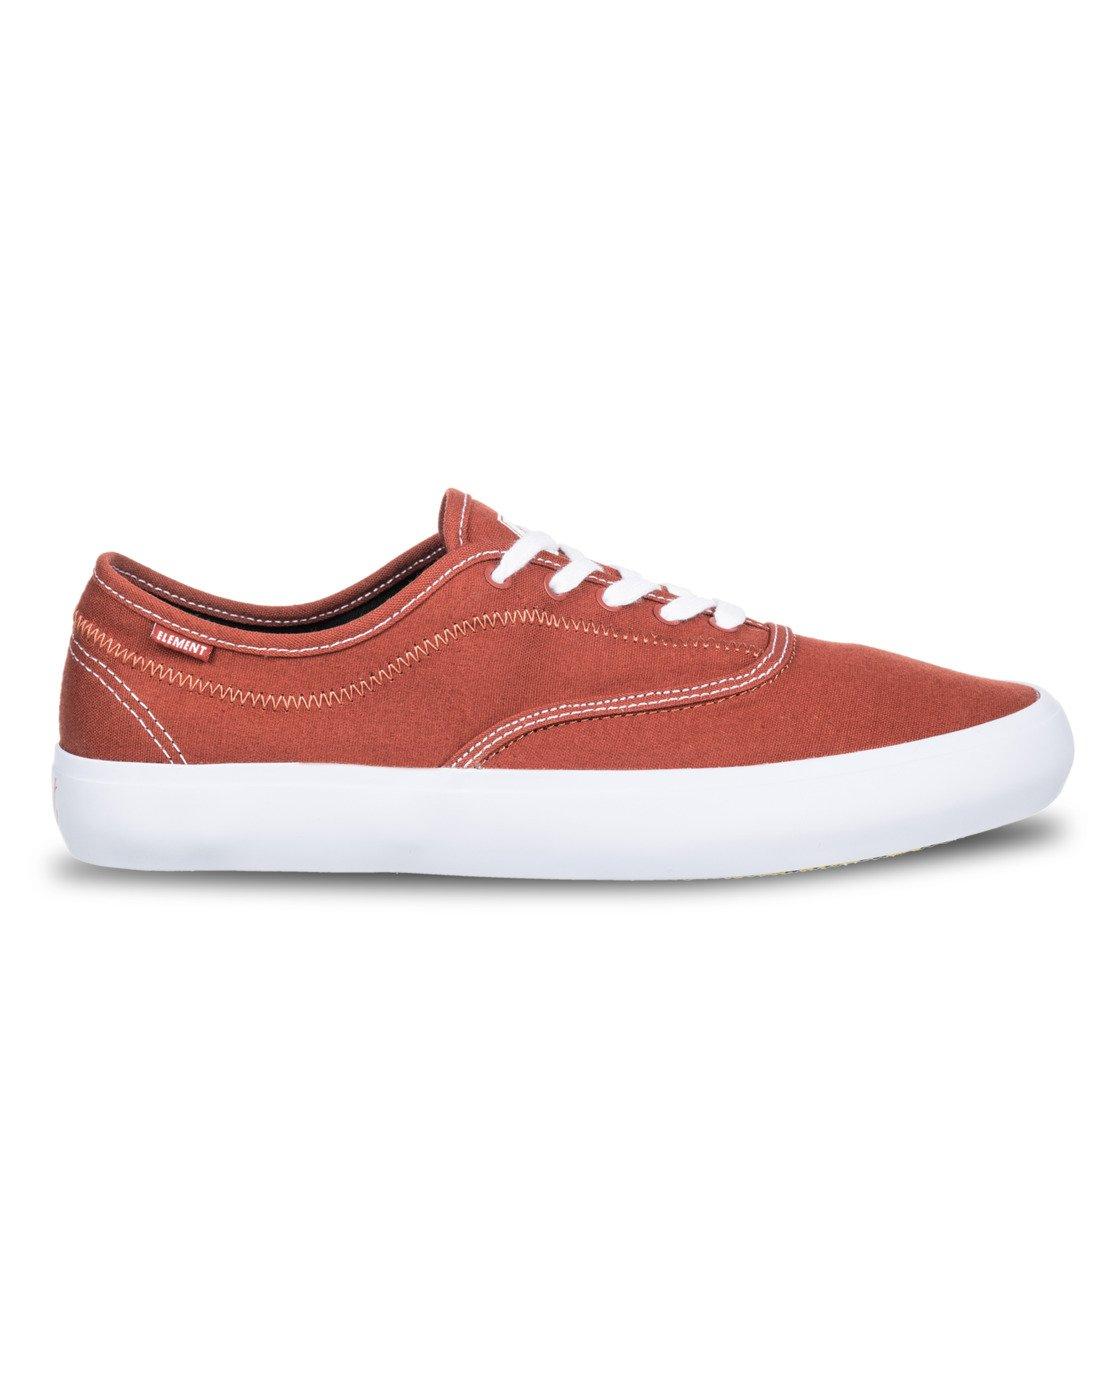 0 Passiph - Shoes for Men  W6PAS101 Element